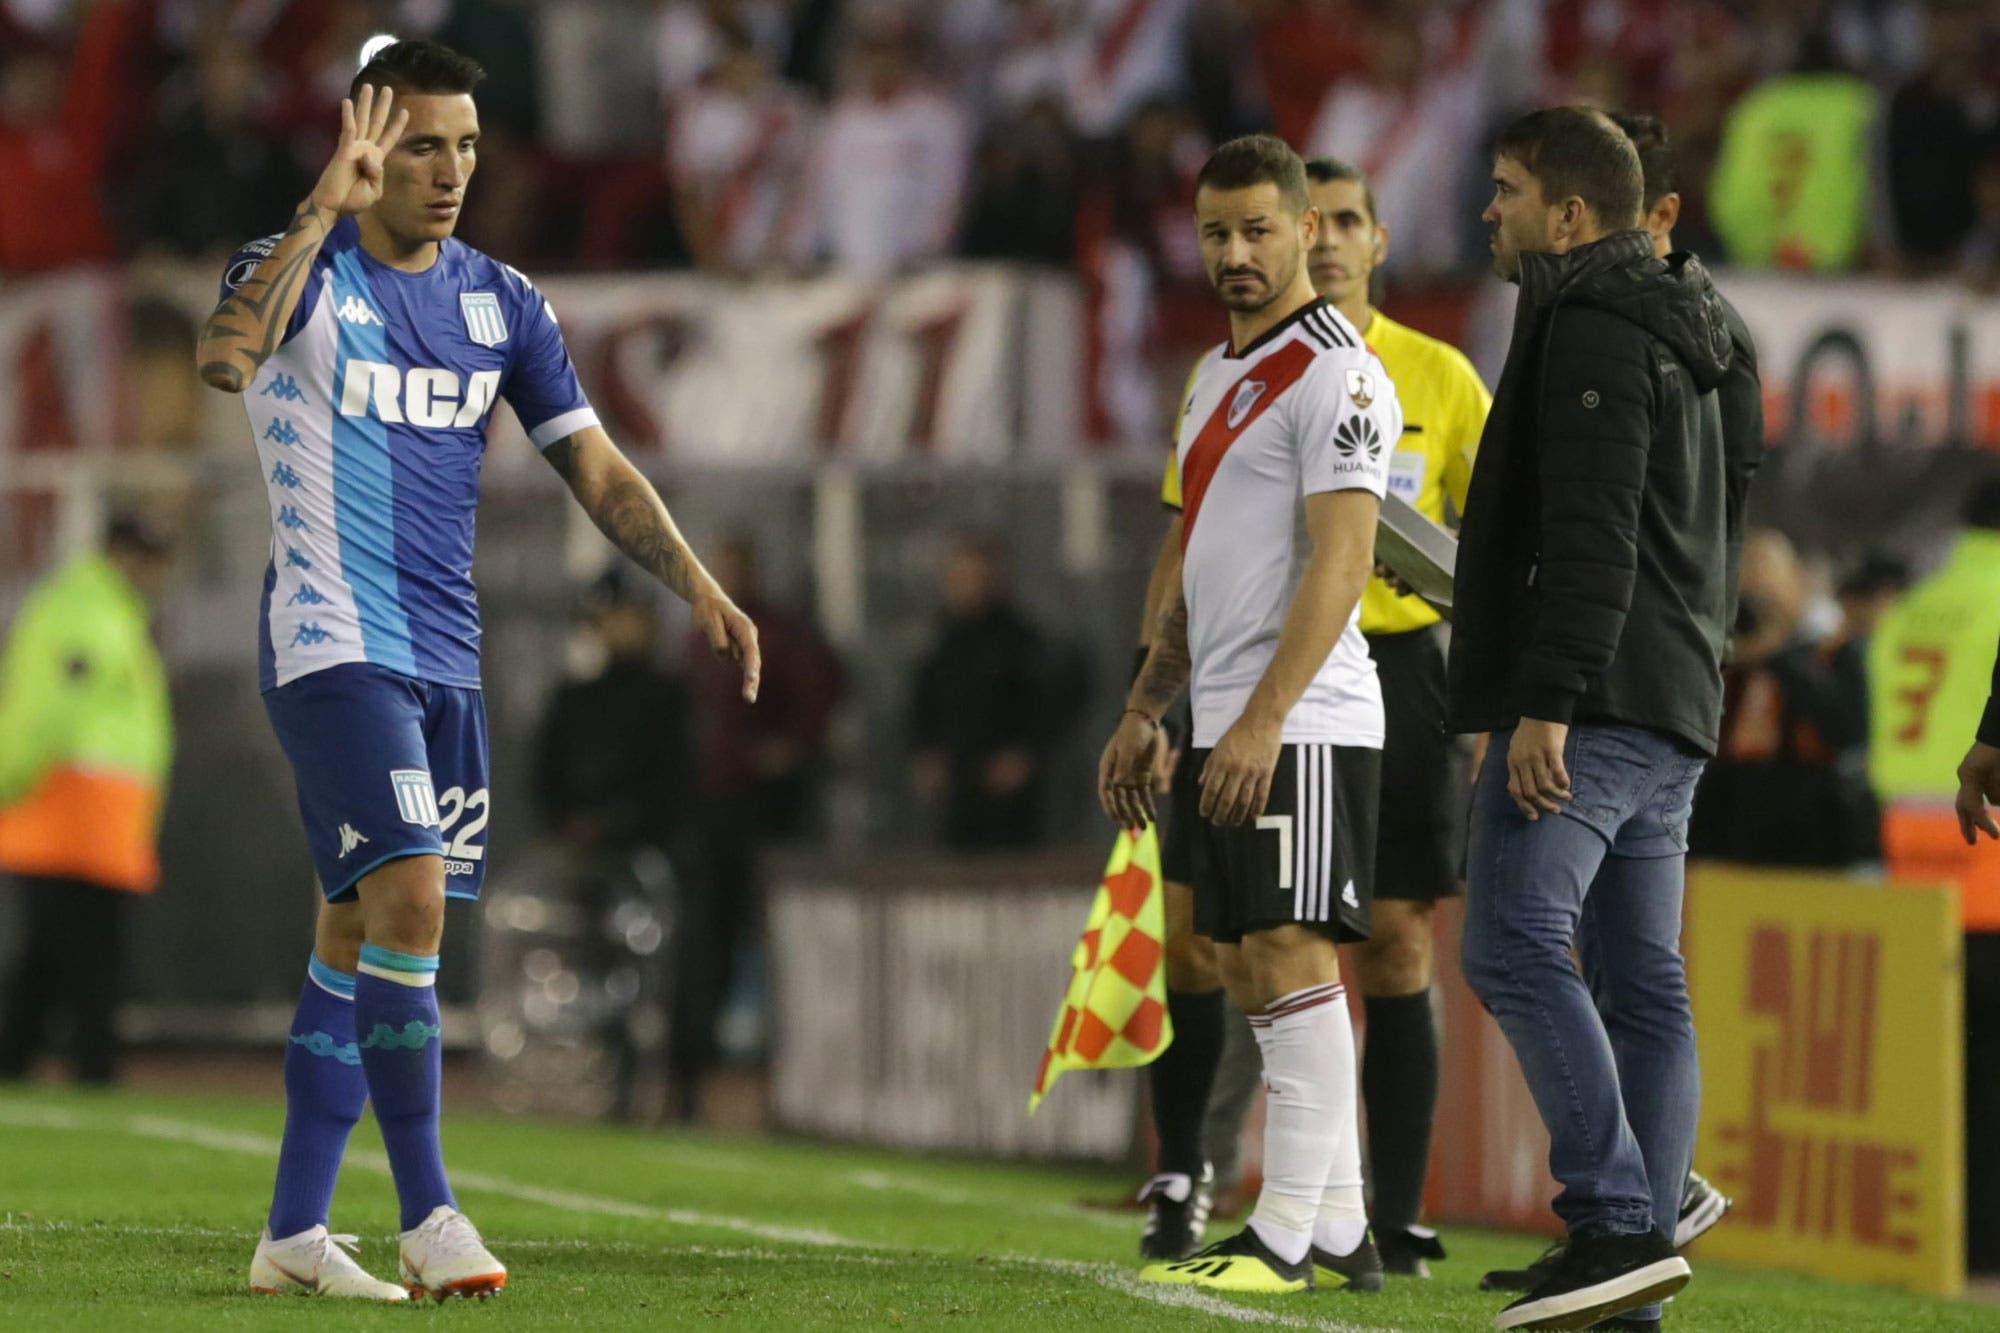 La historia detrás de la agresión entre Enzo Pérez y Ricardo Centurión: qué dijeron los futbolistas